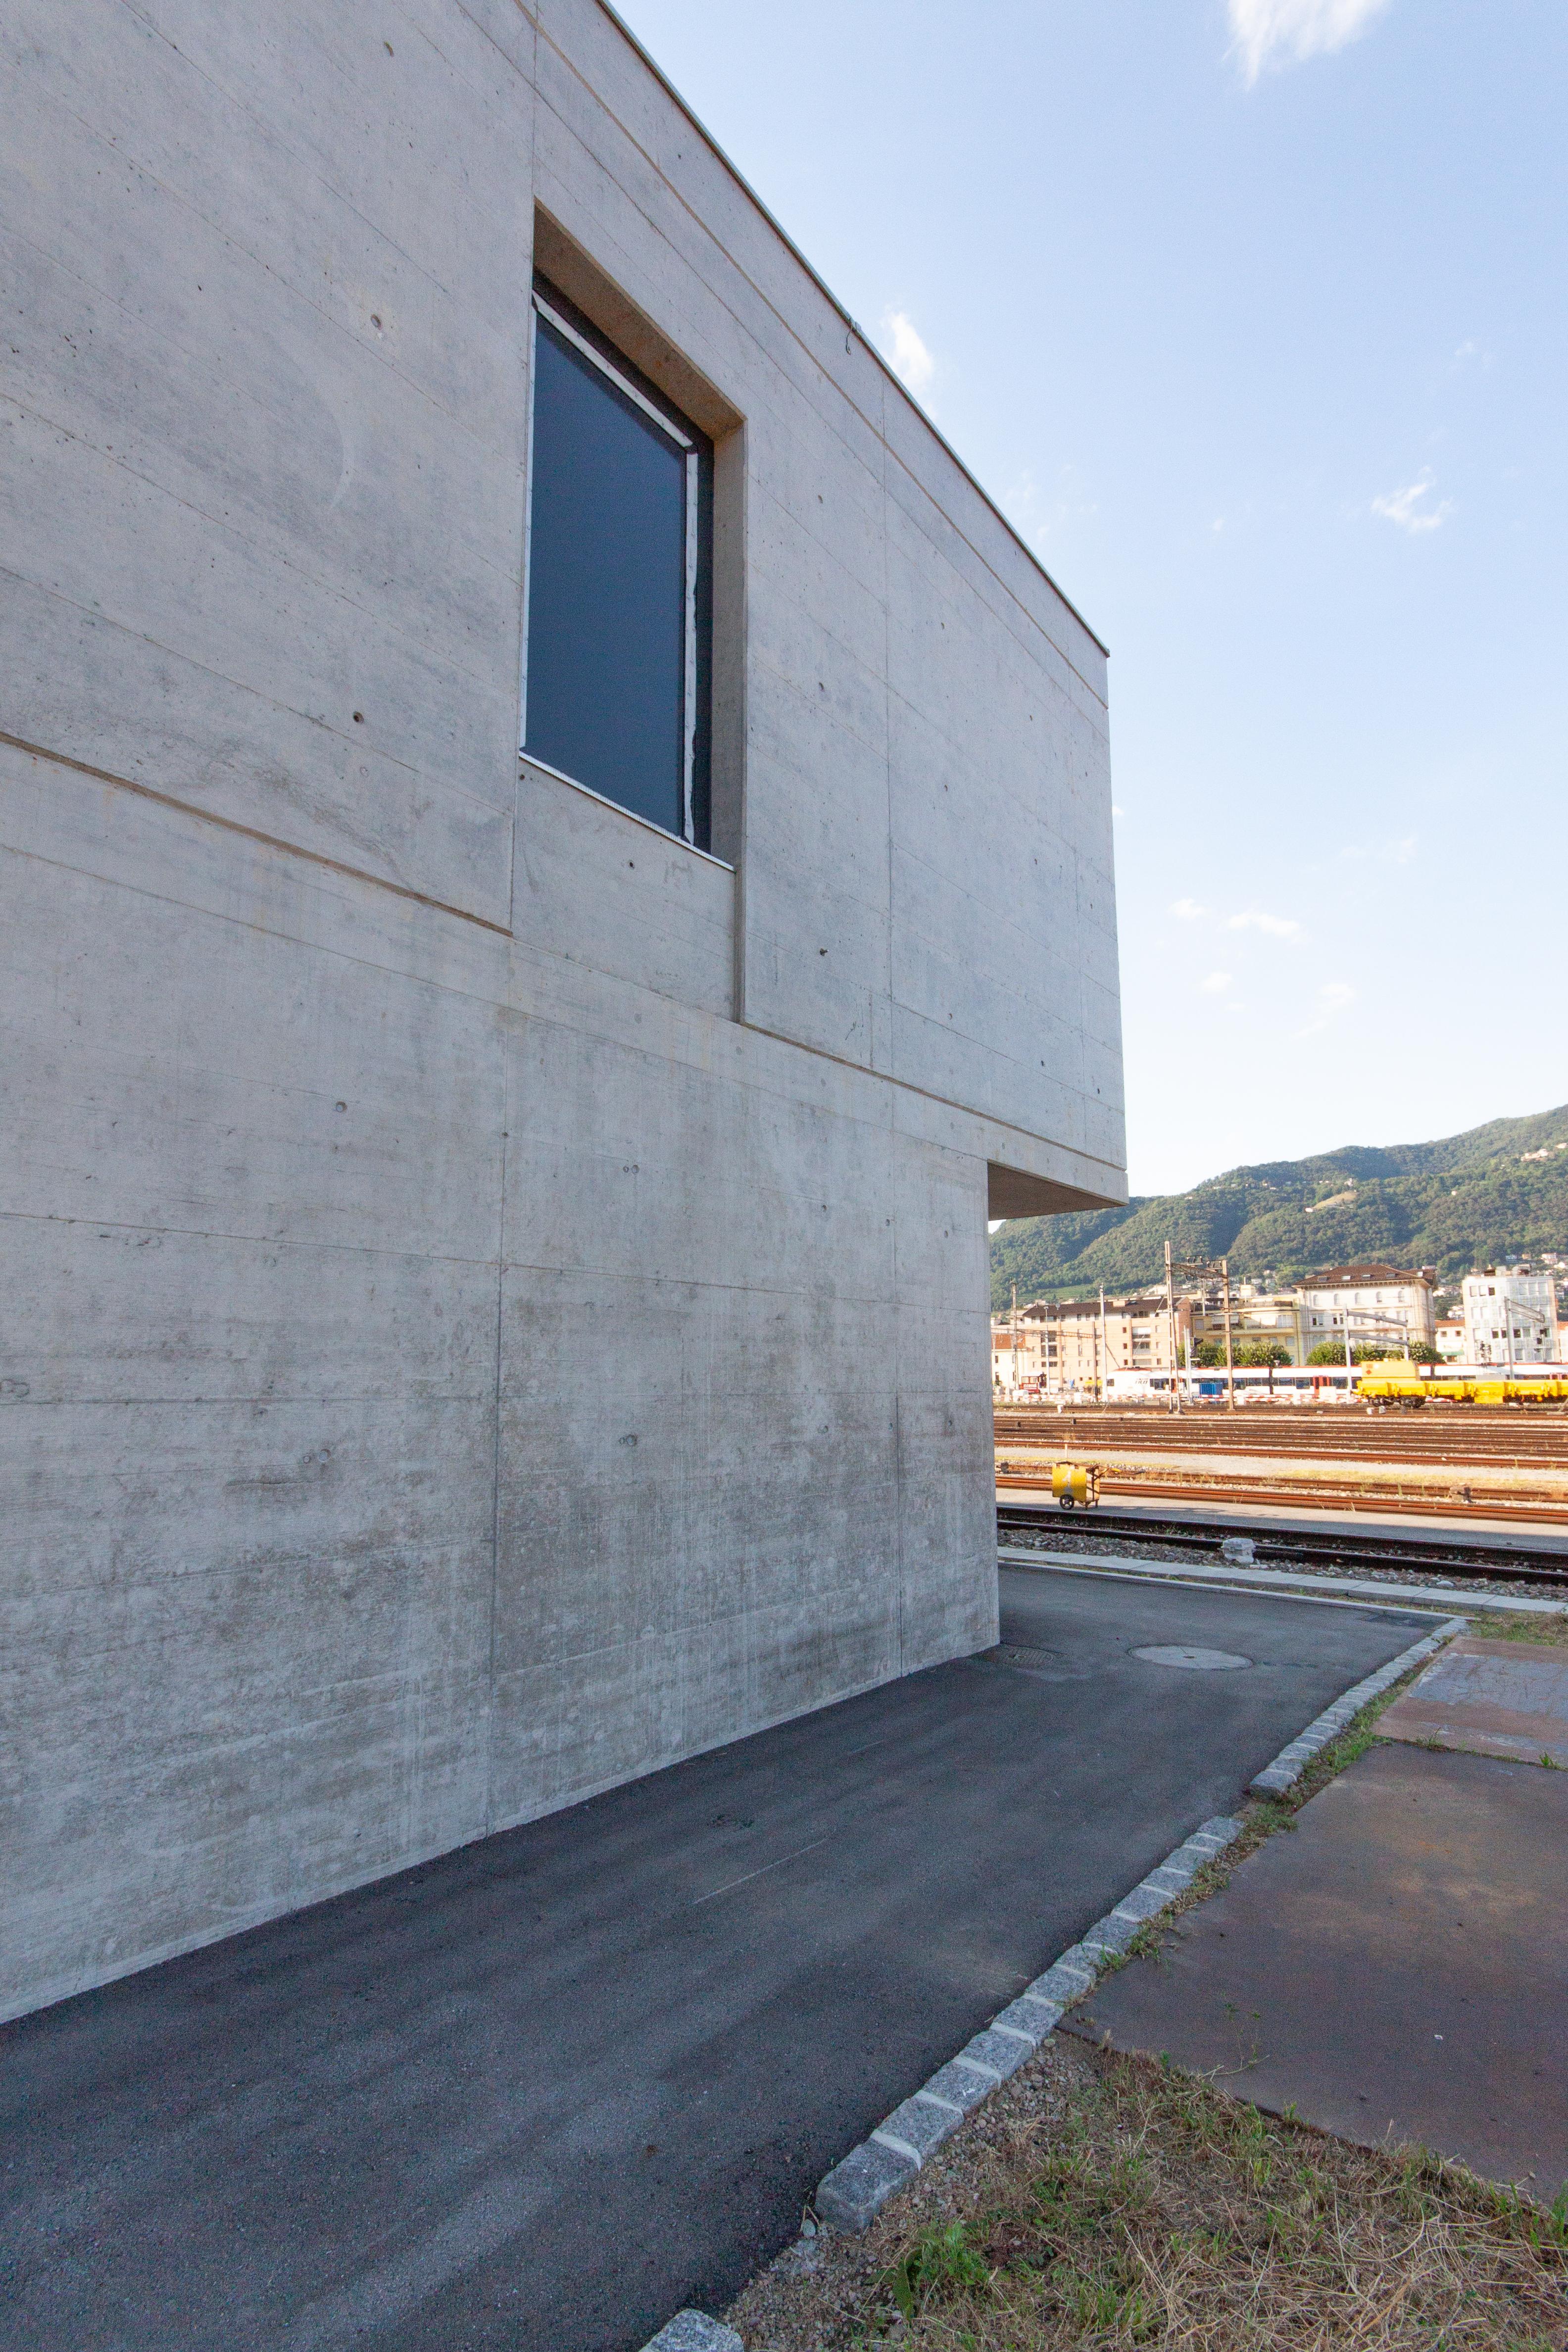 Bahntechnikgebäude 6830 Chiasso-0883